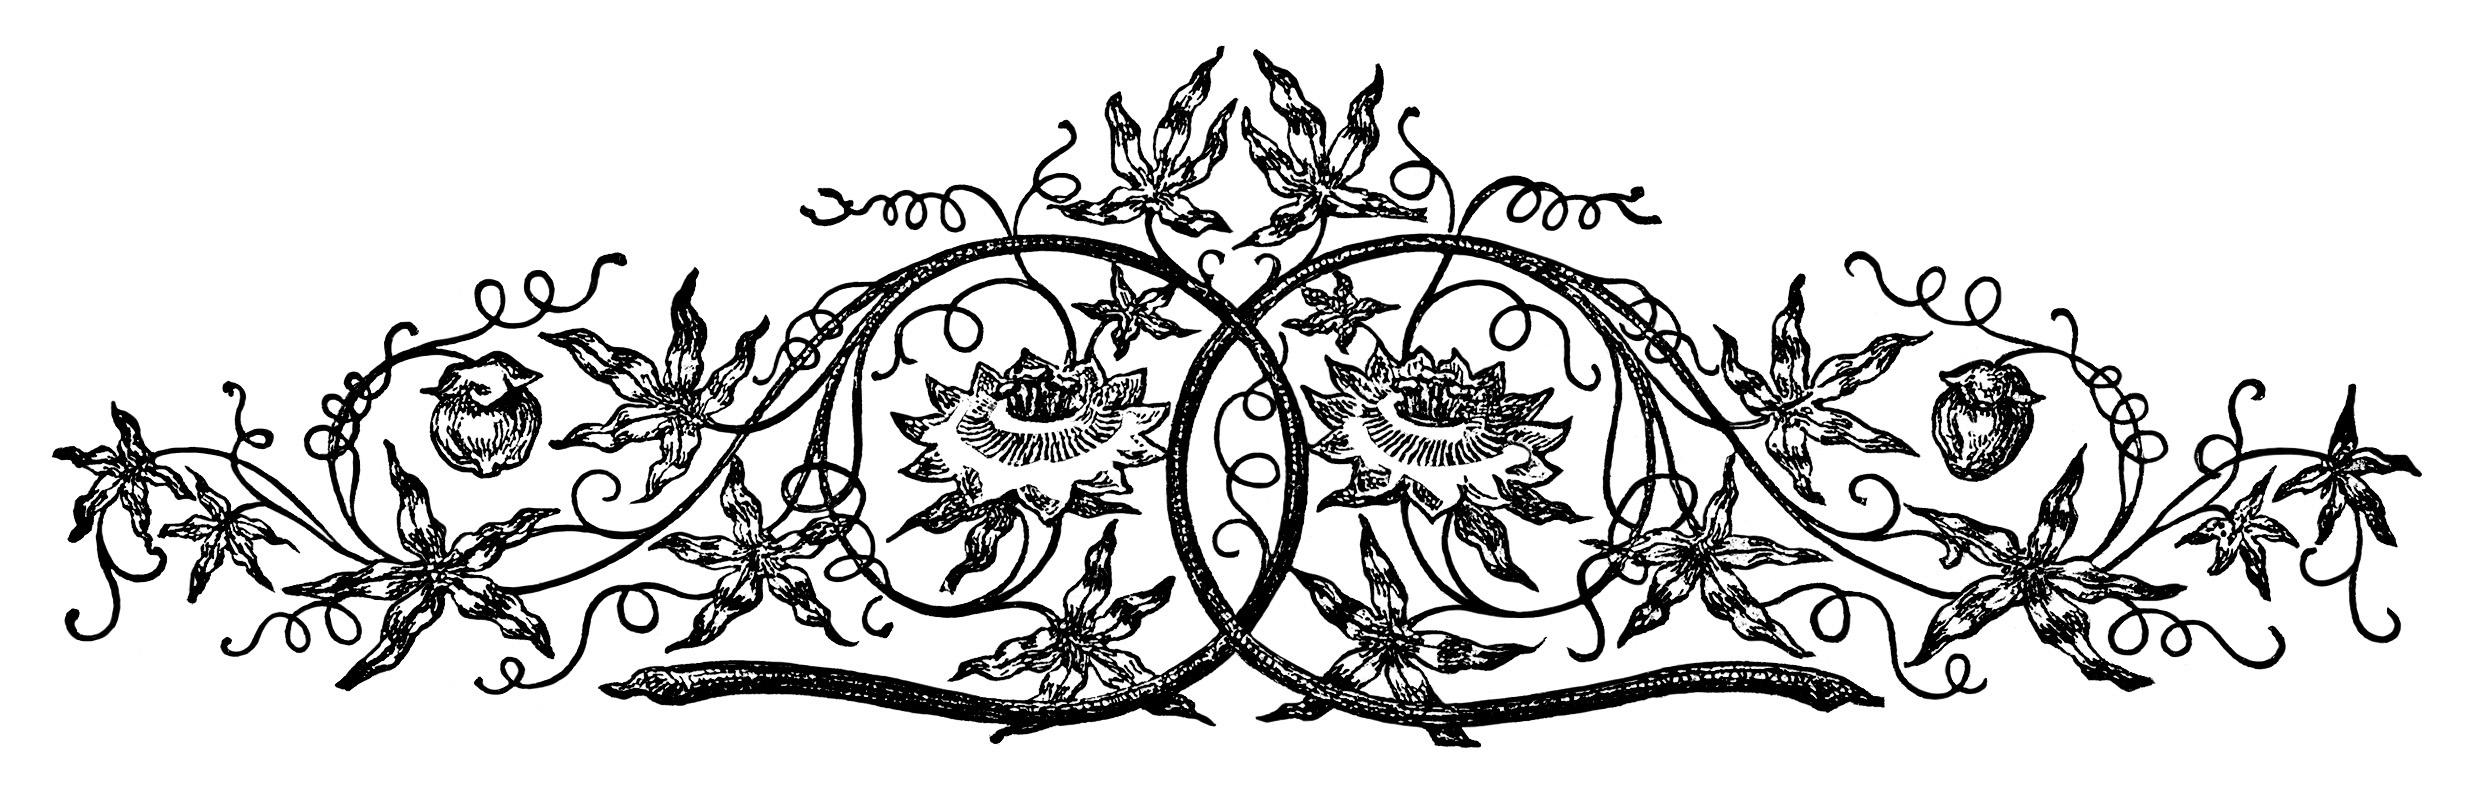 Ornamental swirl design free vintage clip art old design shop blog - Design black and white ...